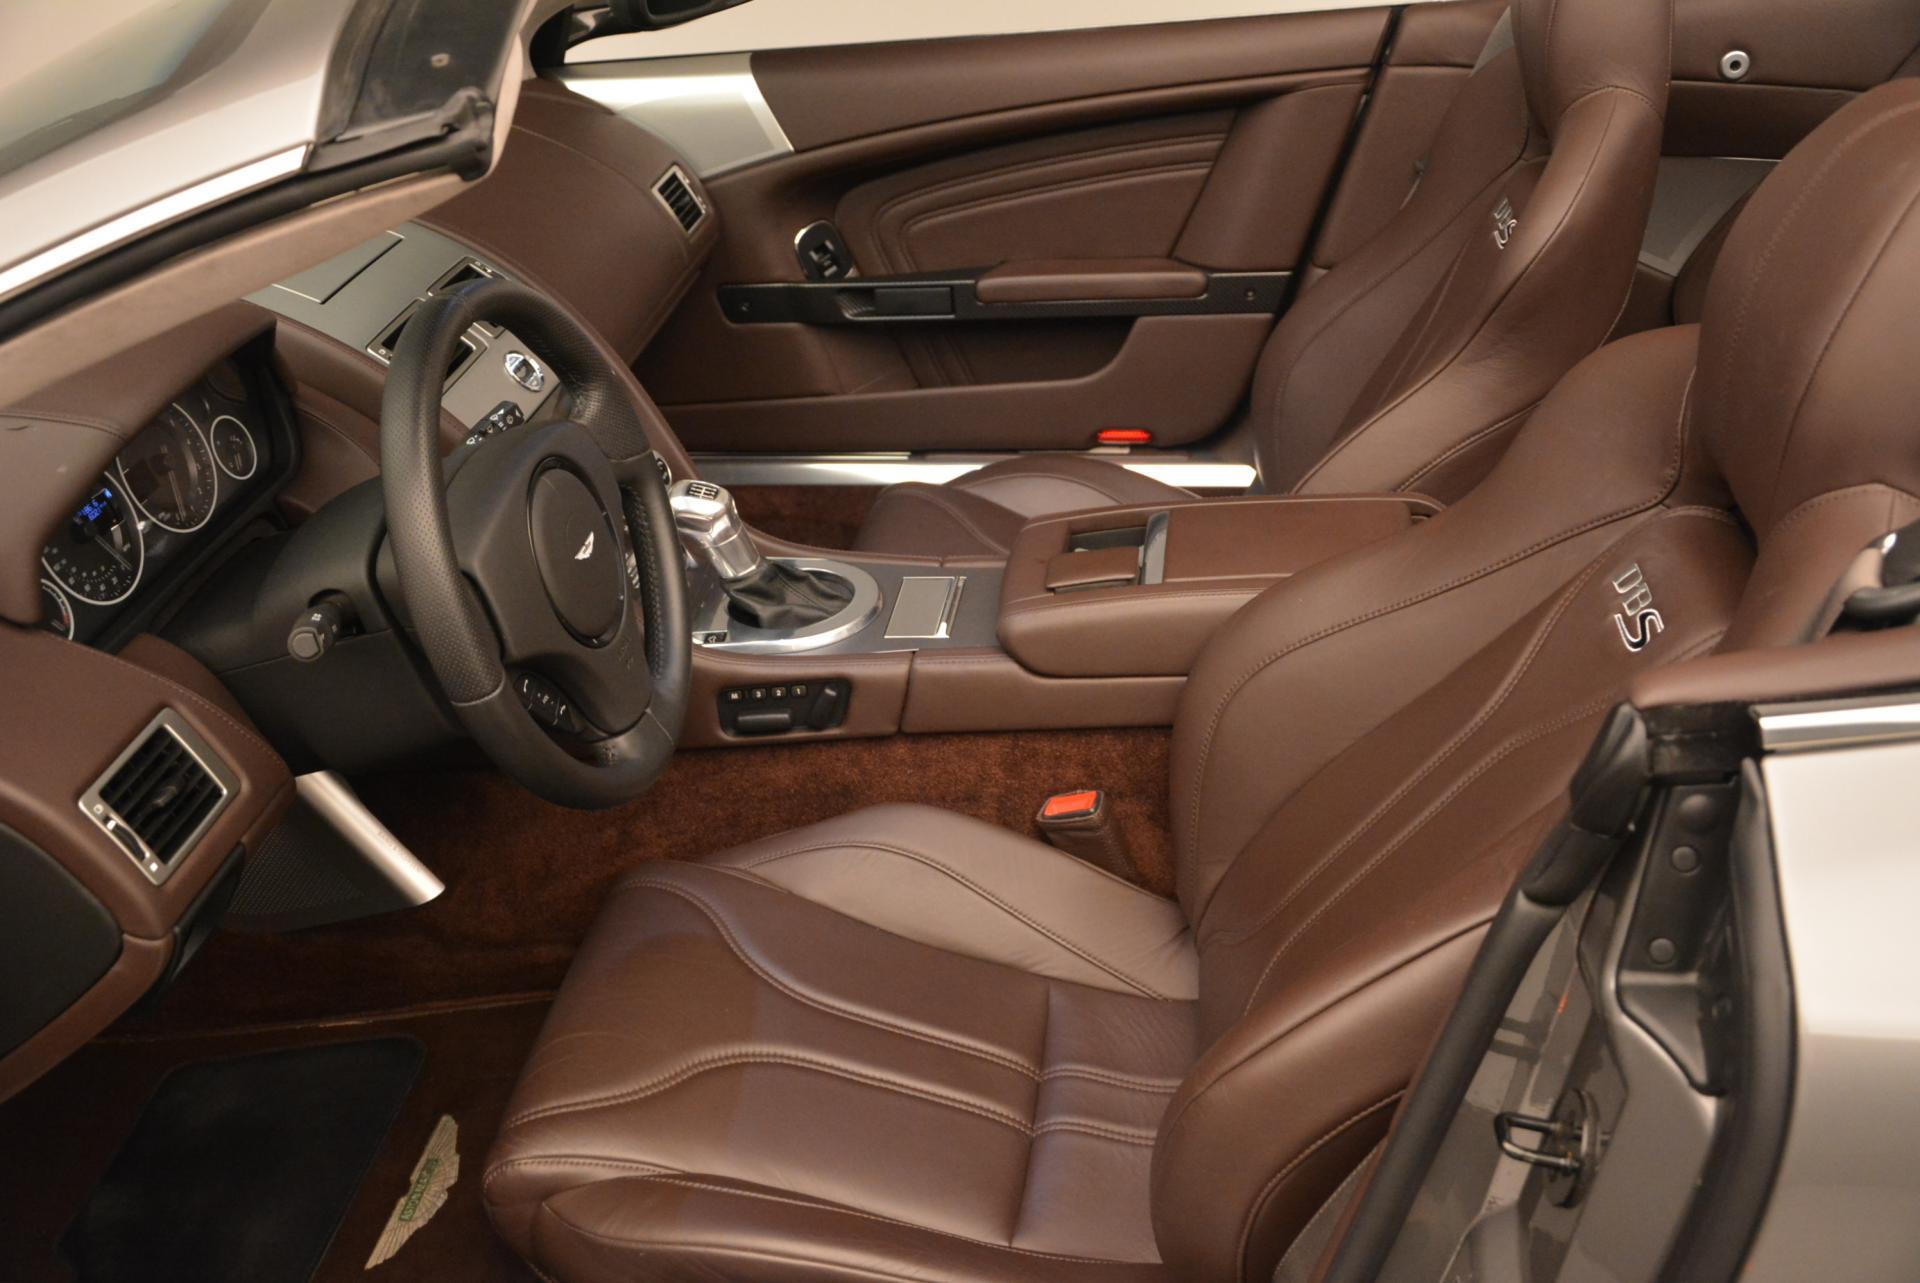 Used 2010 Aston Martin DBS Volante For Sale In Greenwich, CT. Alfa Romeo of Greenwich, 7035 87_p26